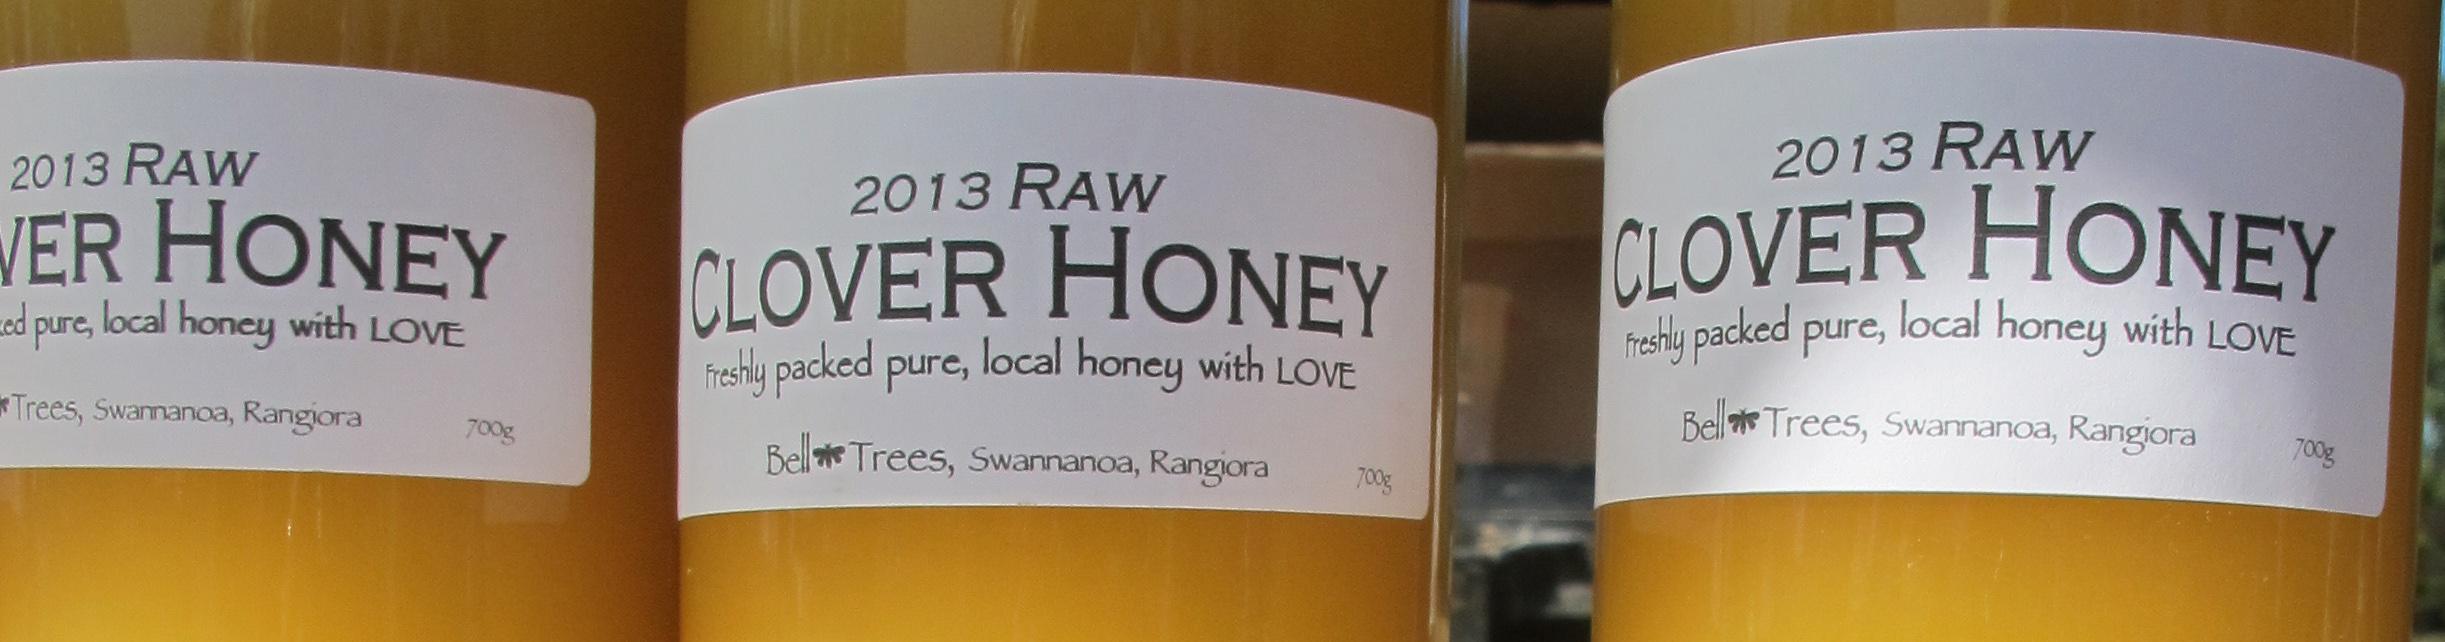 Bees Trees for Honey - Swannanoa